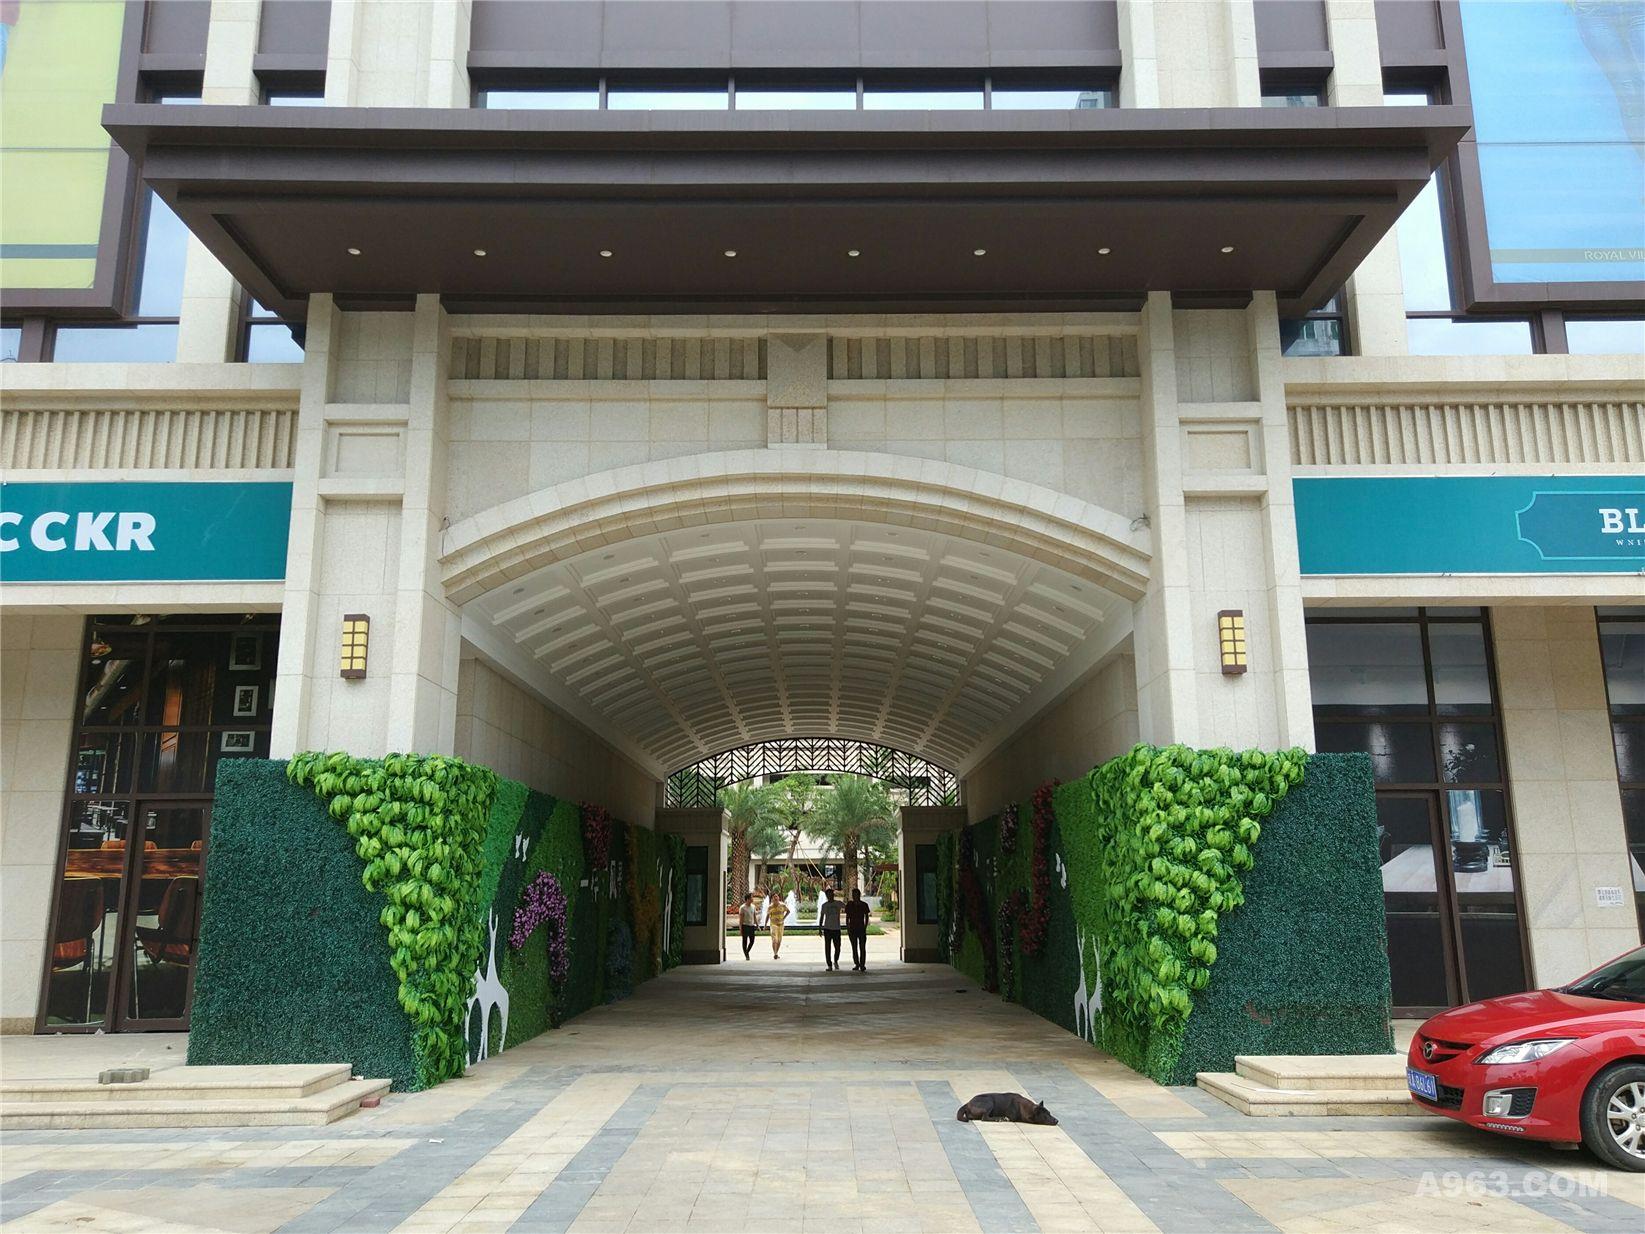 【科勒卫浴-艾特奖入围】长弘•御墅-上海颐景建筑设计有限公司海南分公司